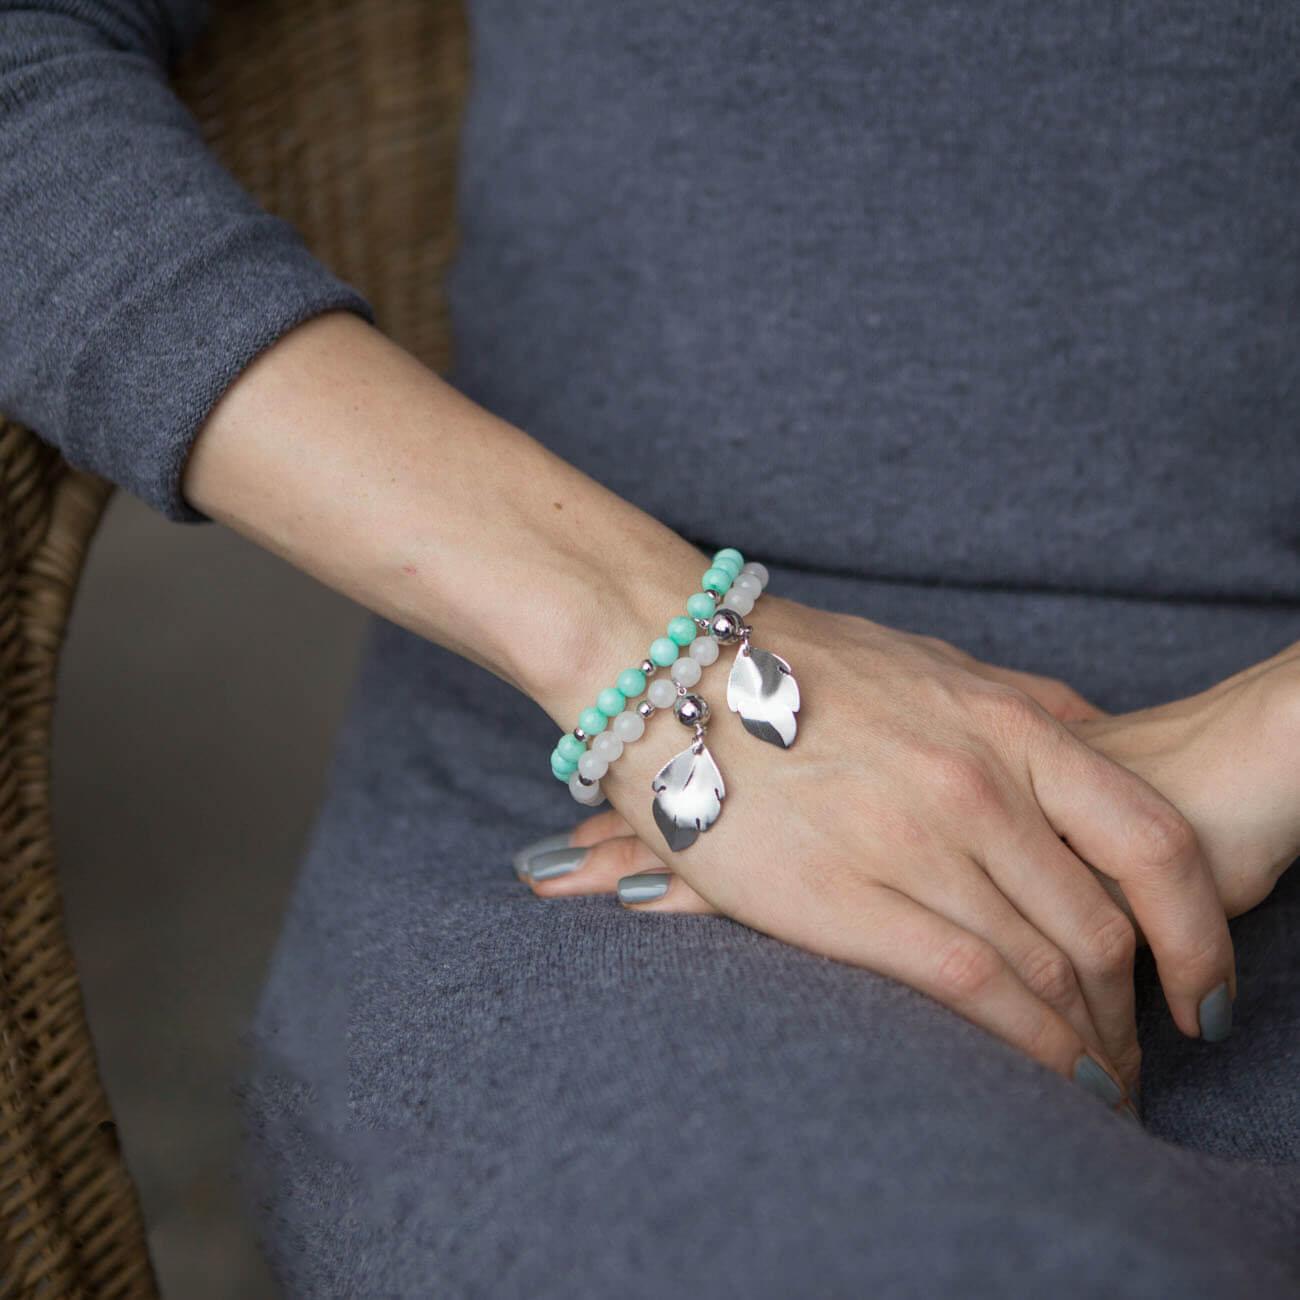 Как выбирать и носить жемчужные украшения: 6 правил